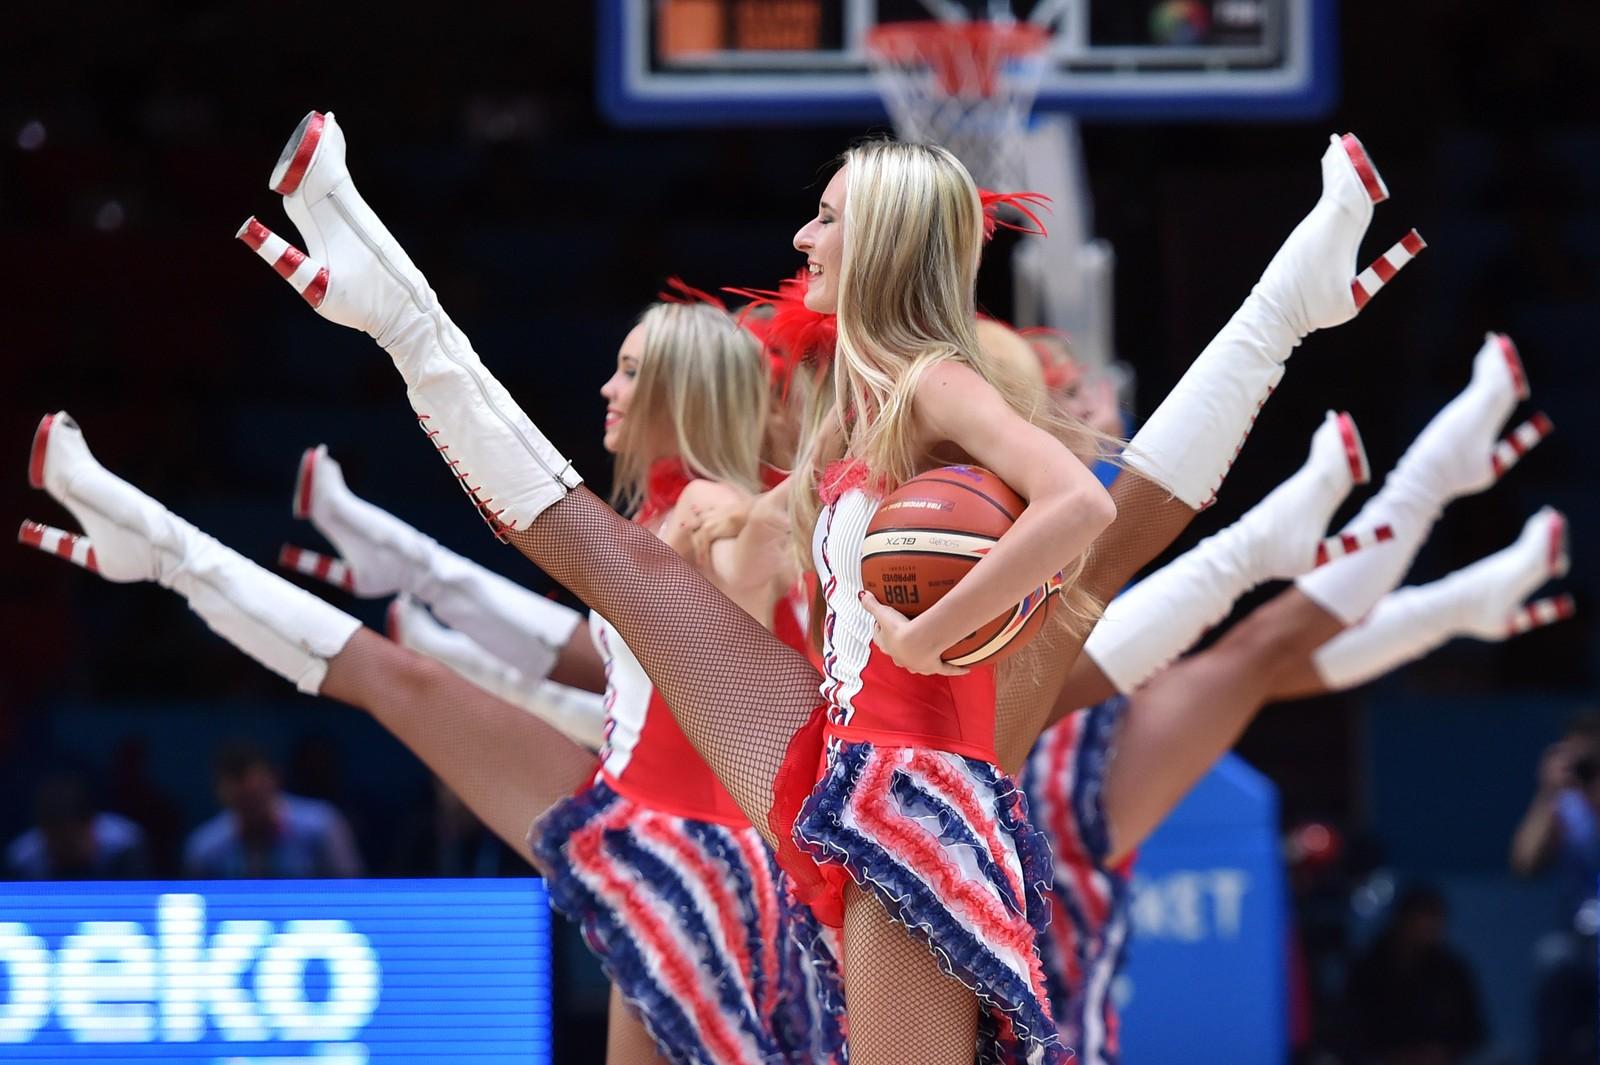 Dansere underholder i pausen i basketballkampen mellom Frankrike og Latvia i Lille, Frankrike.